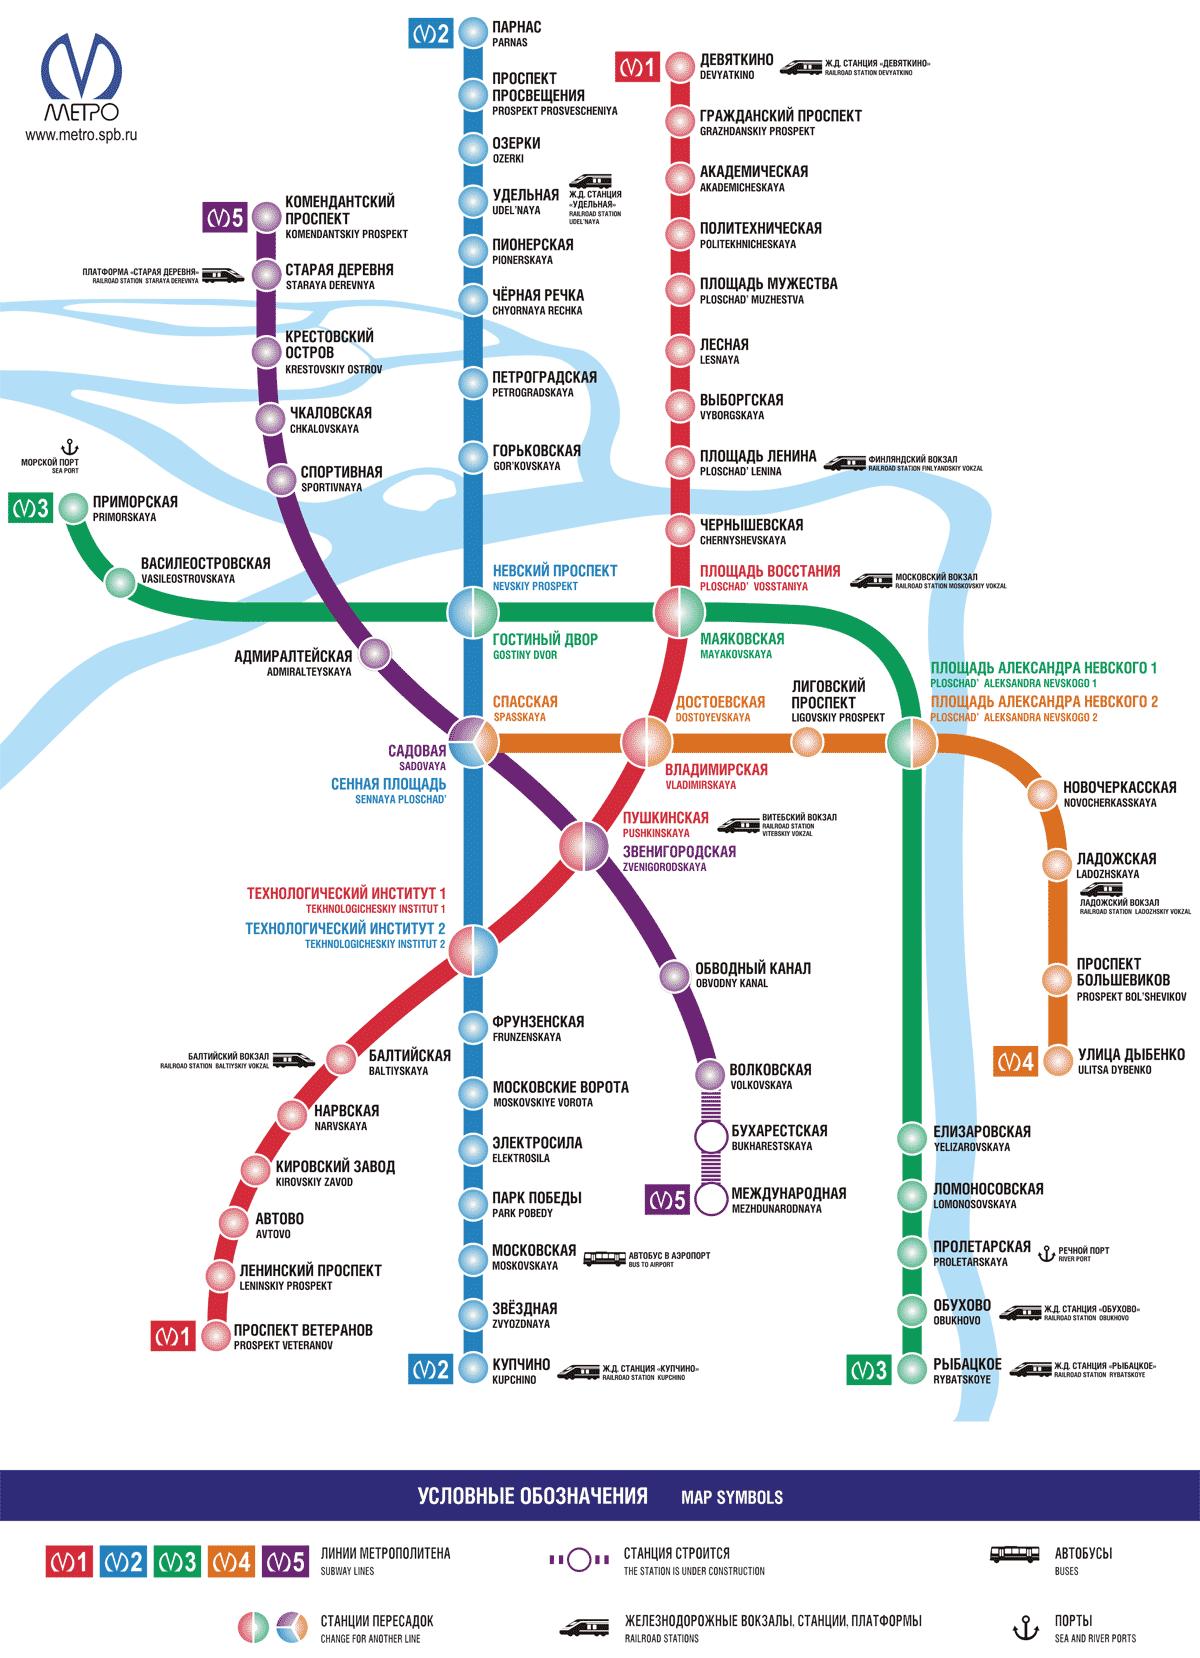 Новая схема метрополитена санкт петербурга фото 427